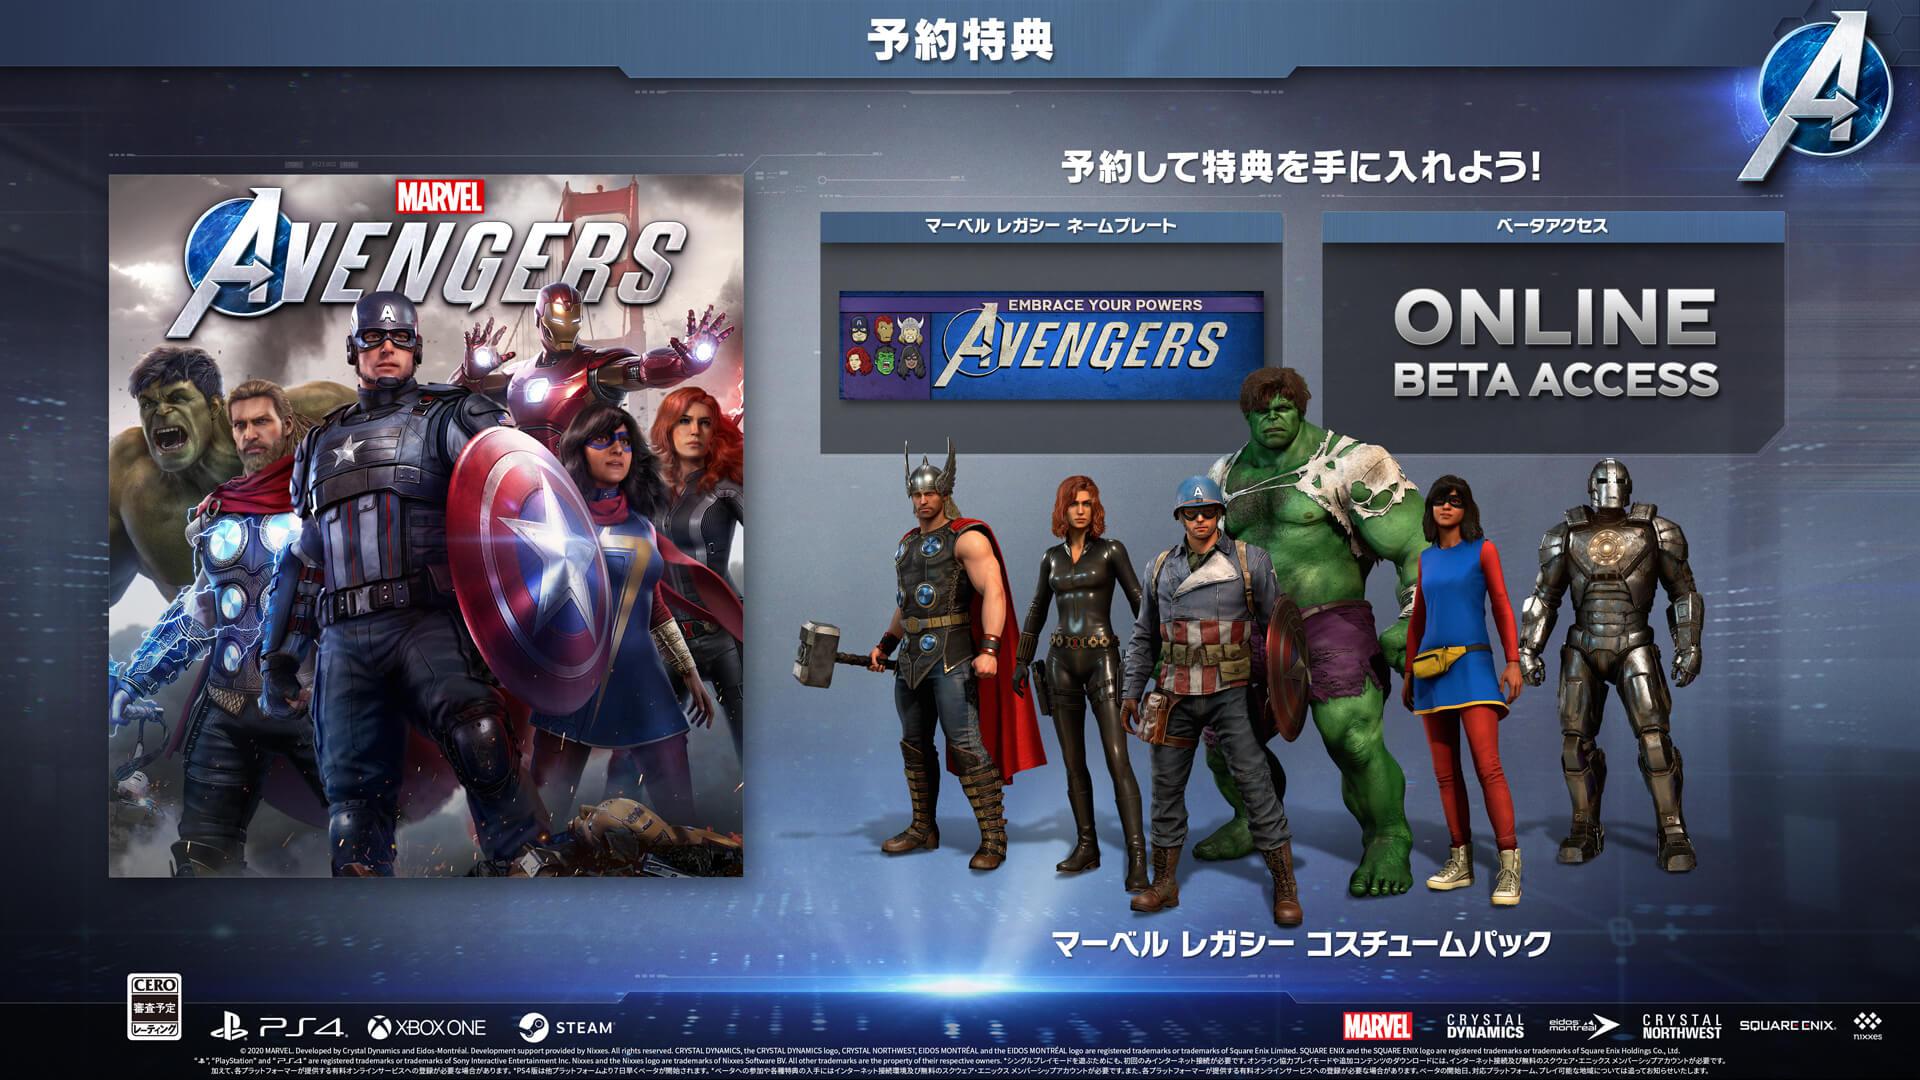 アベンジャーズ、ゲームでアッセンブル!『Marvel's Avengers』がついに予約受付開始&最新トレーラーも解禁 tech200417_avengers_game_3